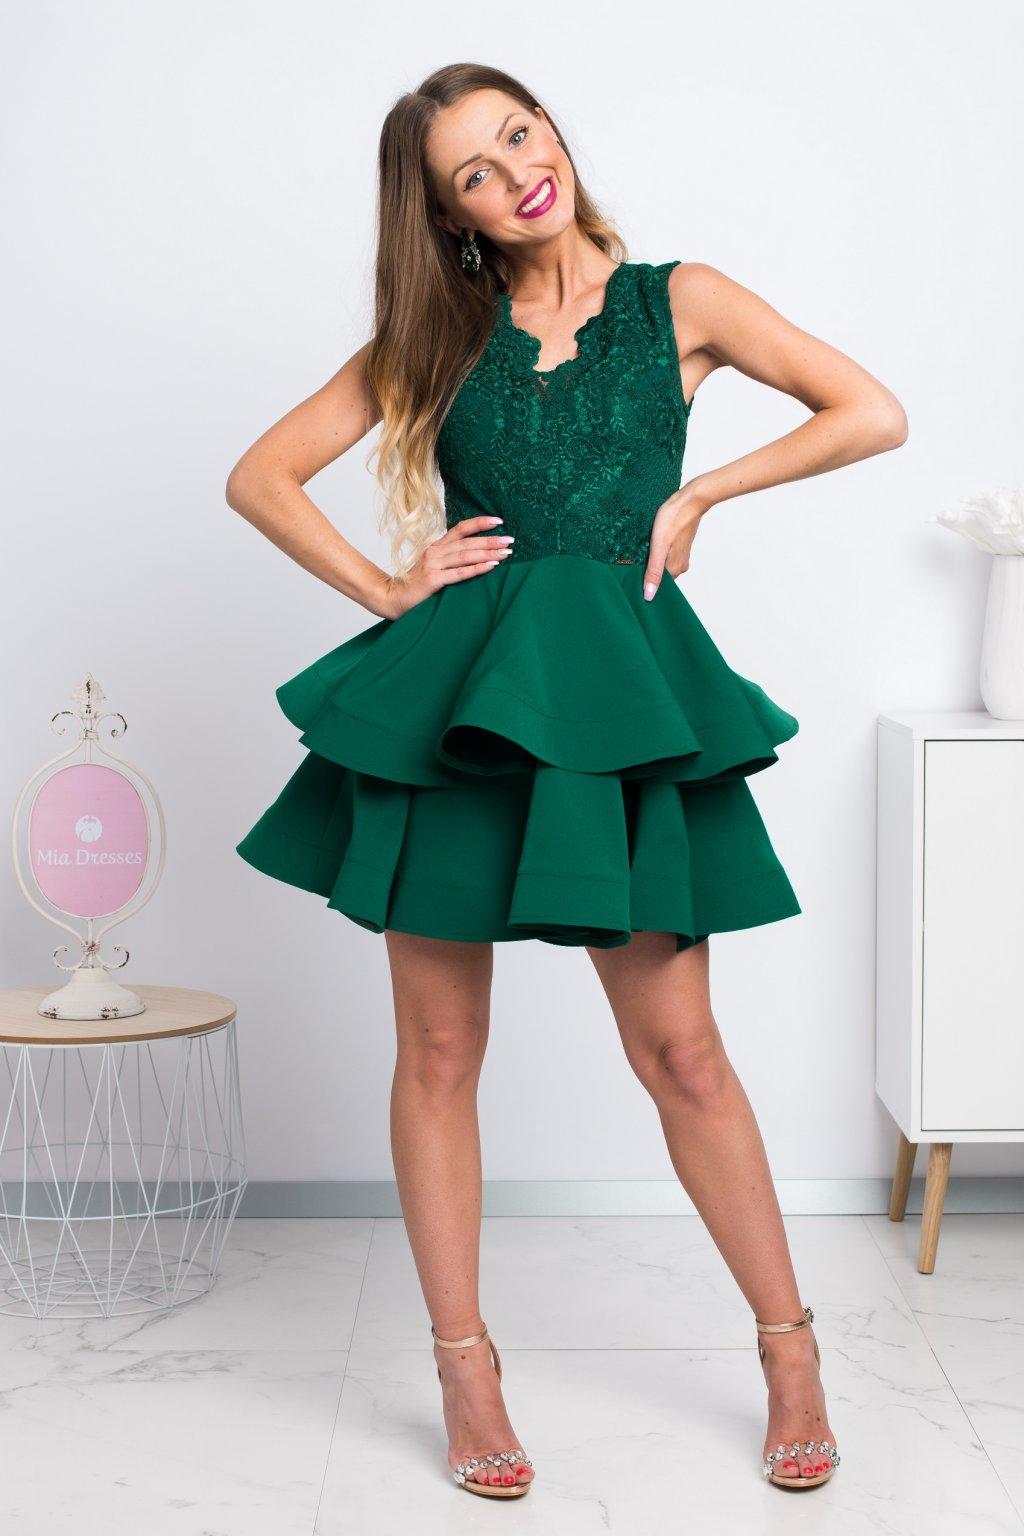 Mia Dresses - Spoločenské šaty 196909c497e